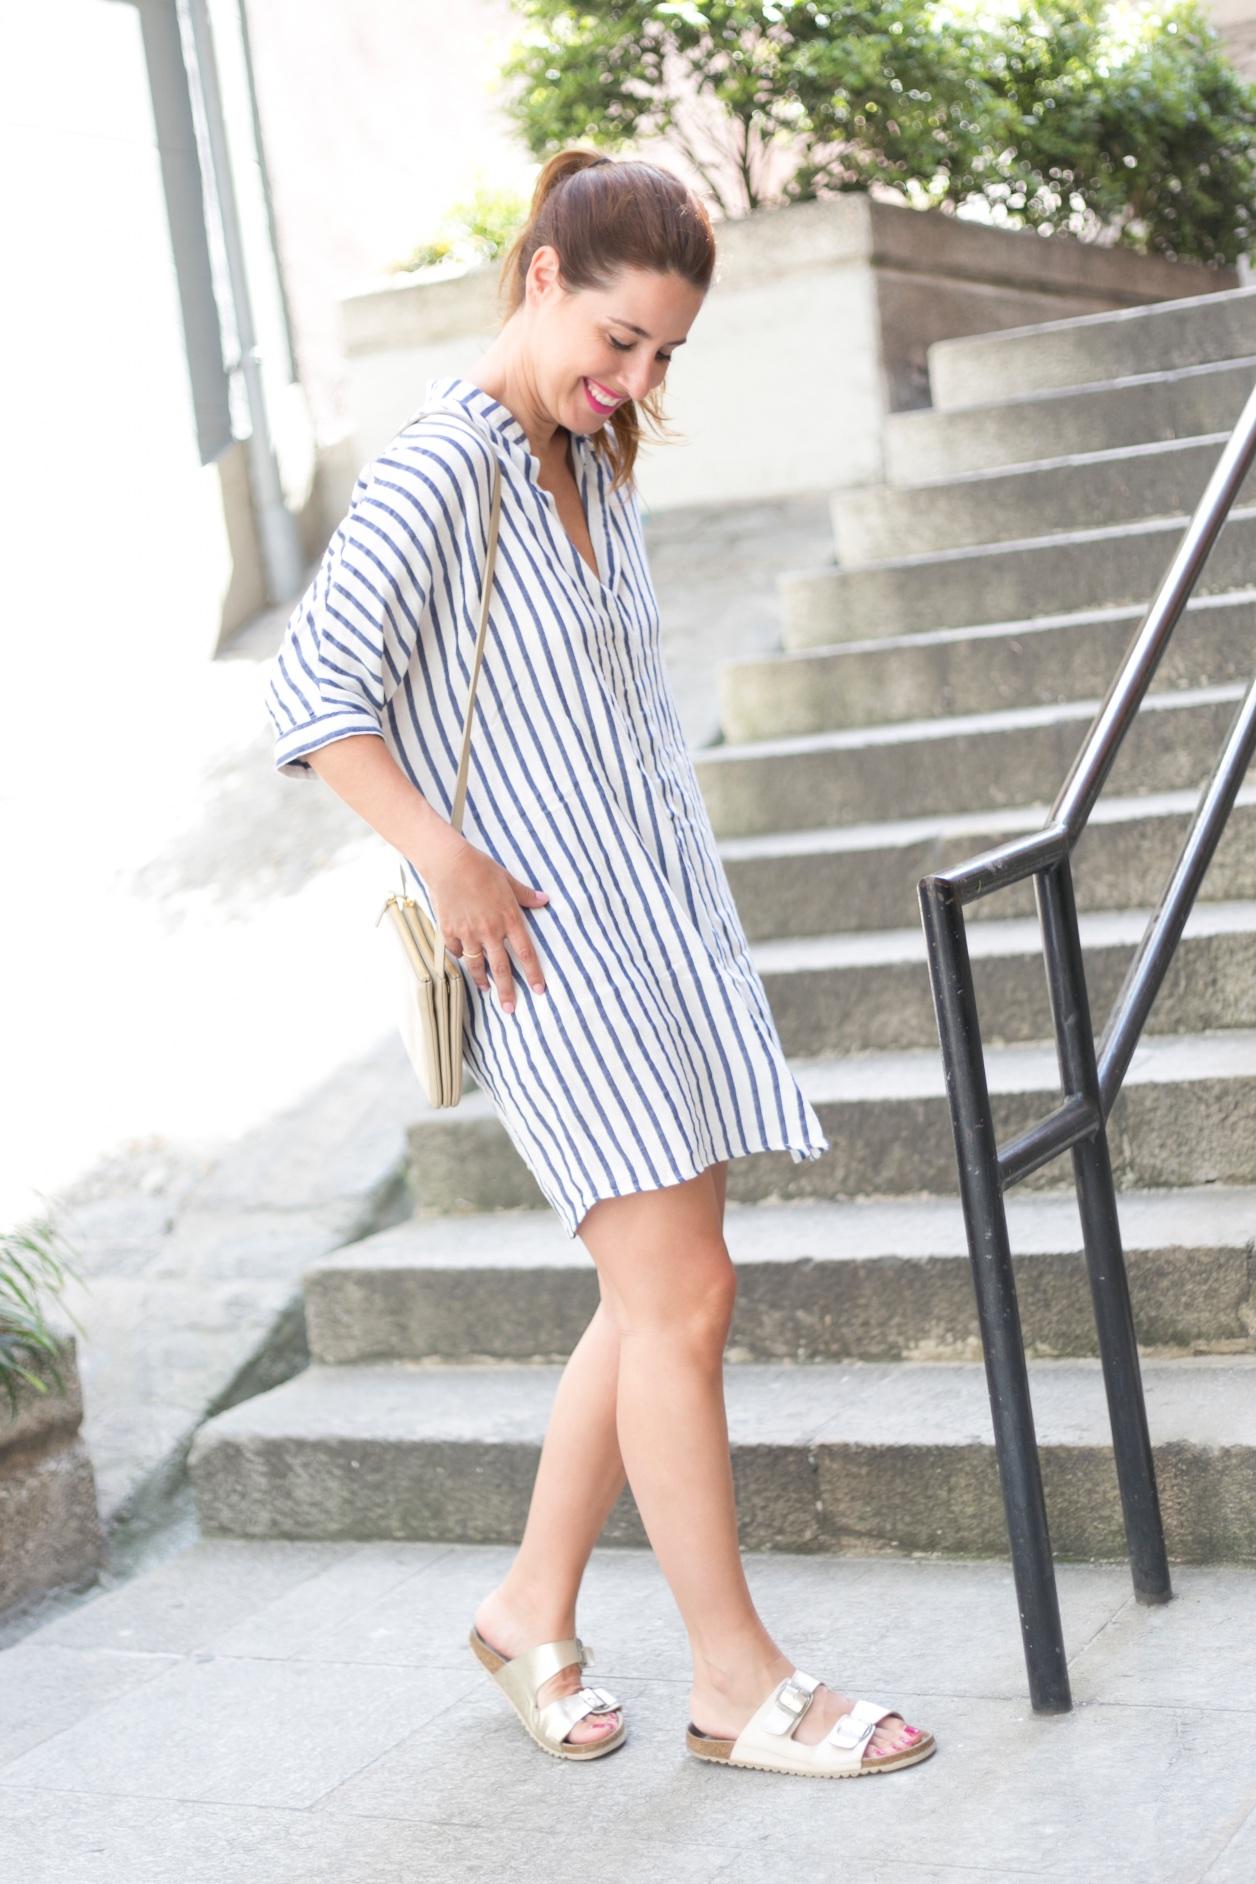 moda-estilo-moda-look-rayas-descalzaporelparque-Coruña-fashionblogger